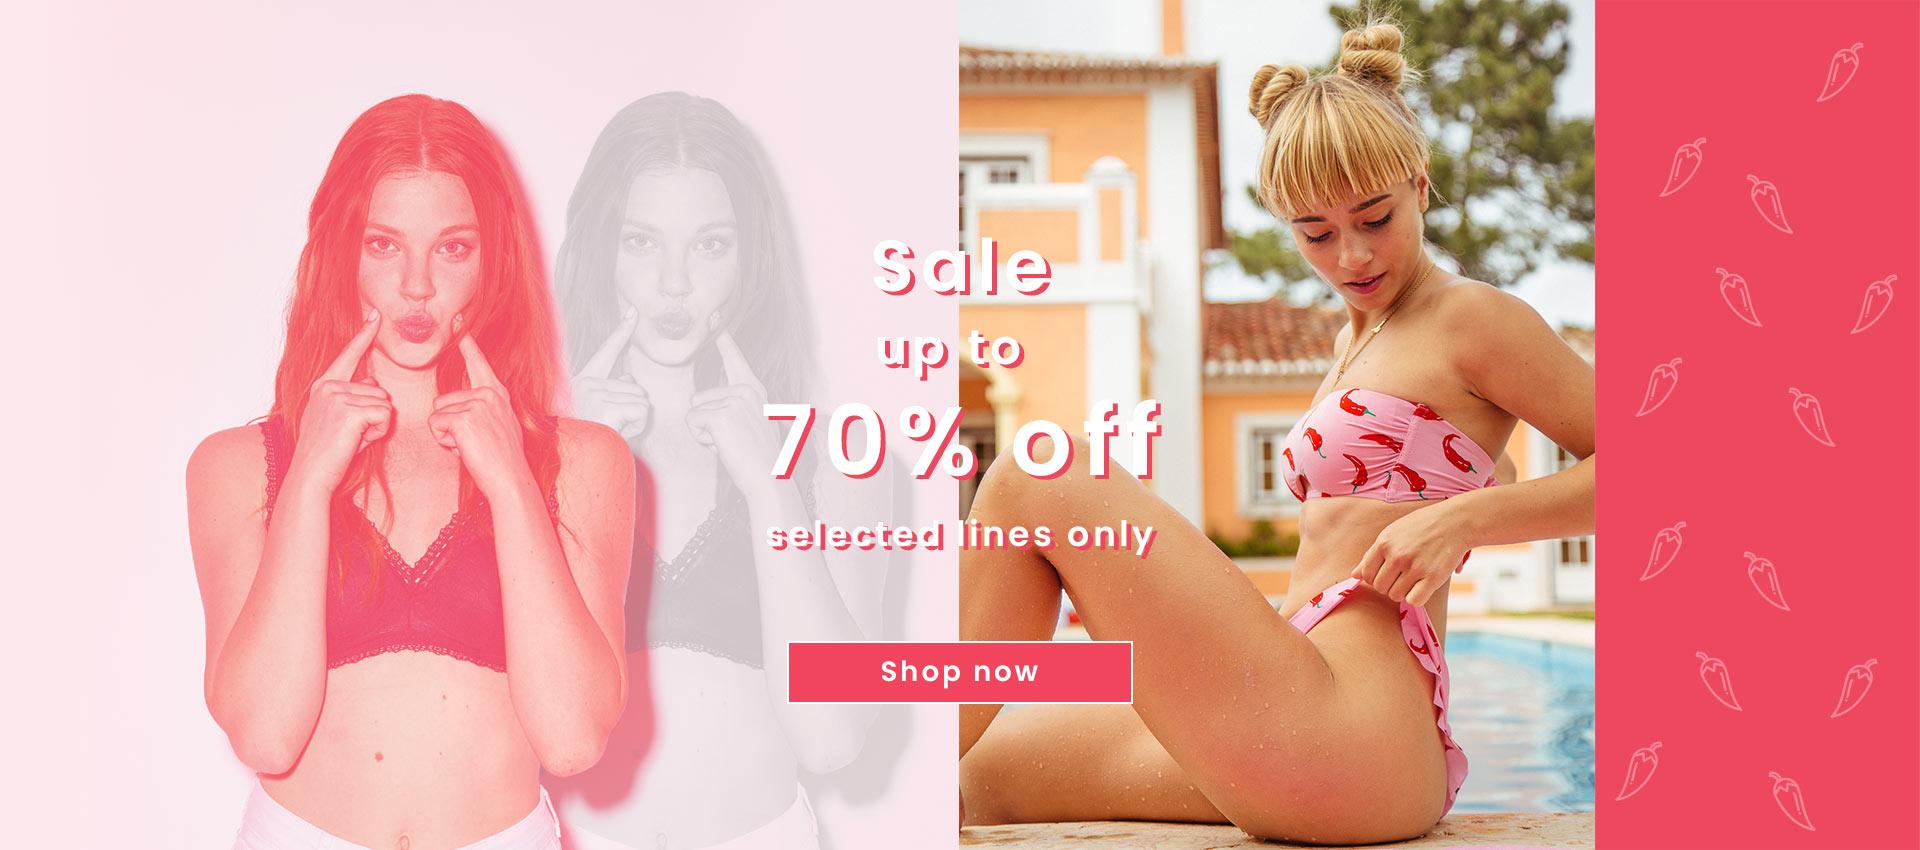 0917c7f0dc1 Shop online with Tezenis